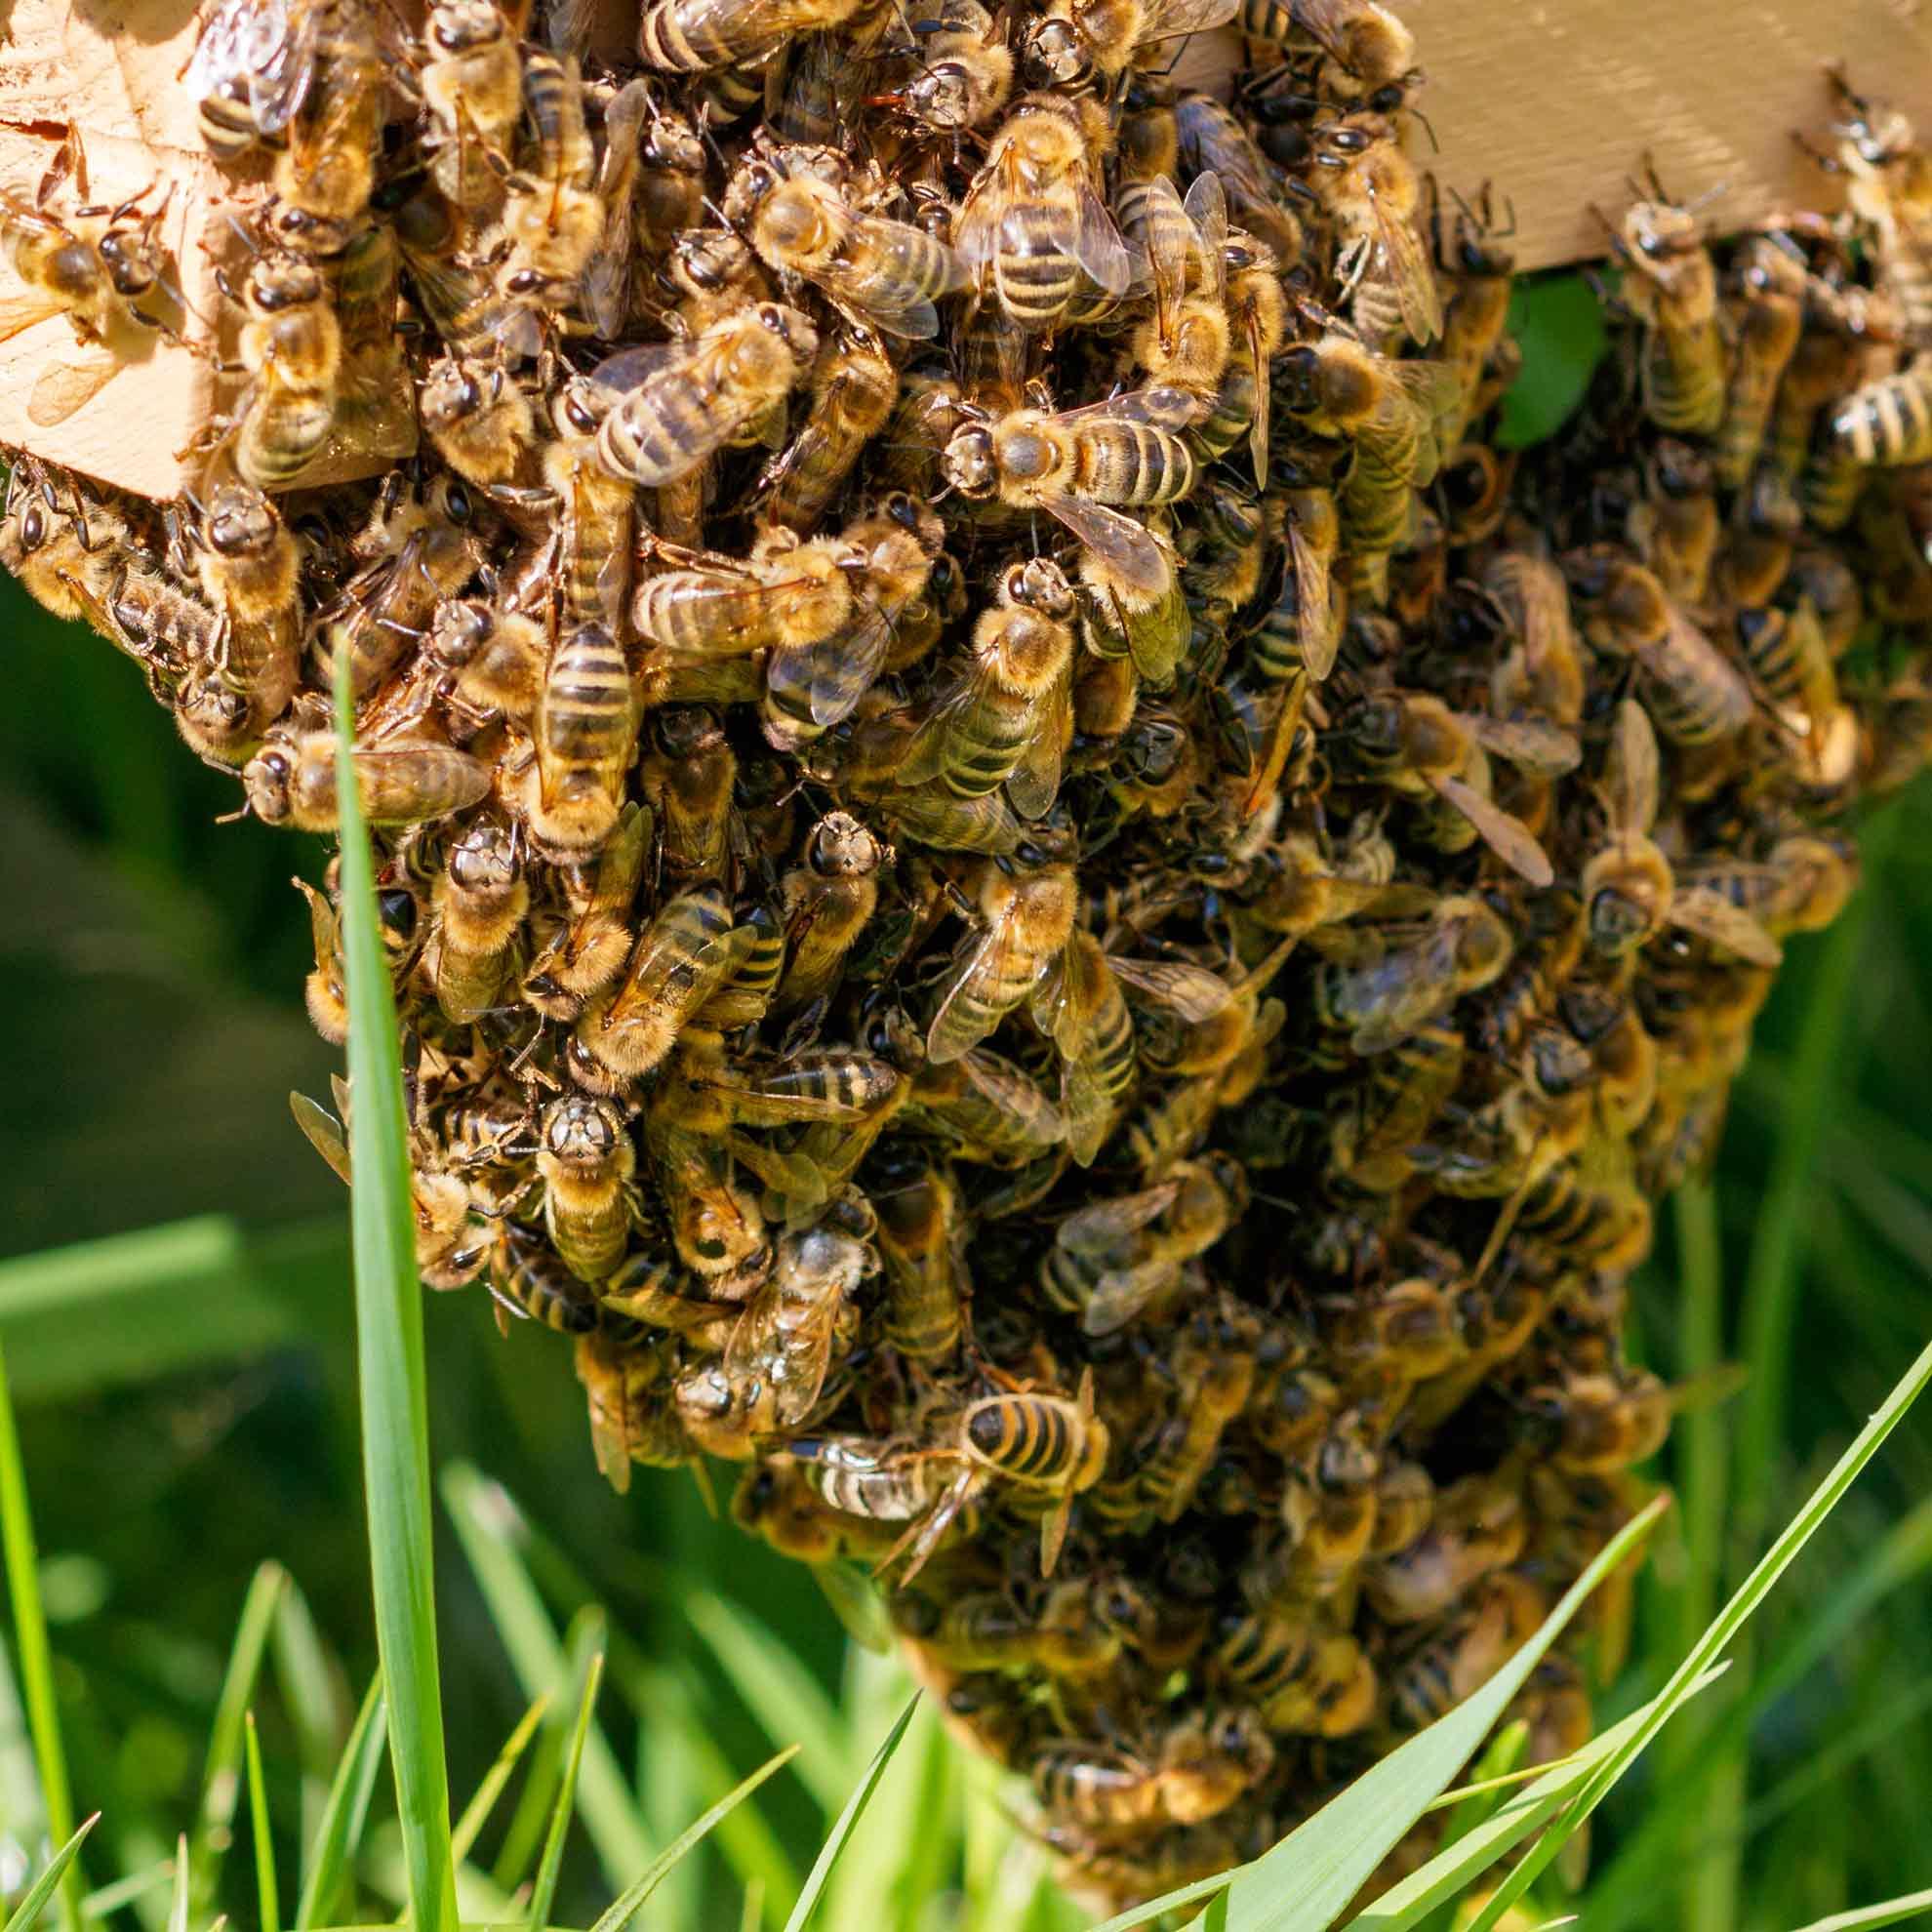 Ein Bienenschwarm am Bienenstock (Foto: Ingrid Bechler)